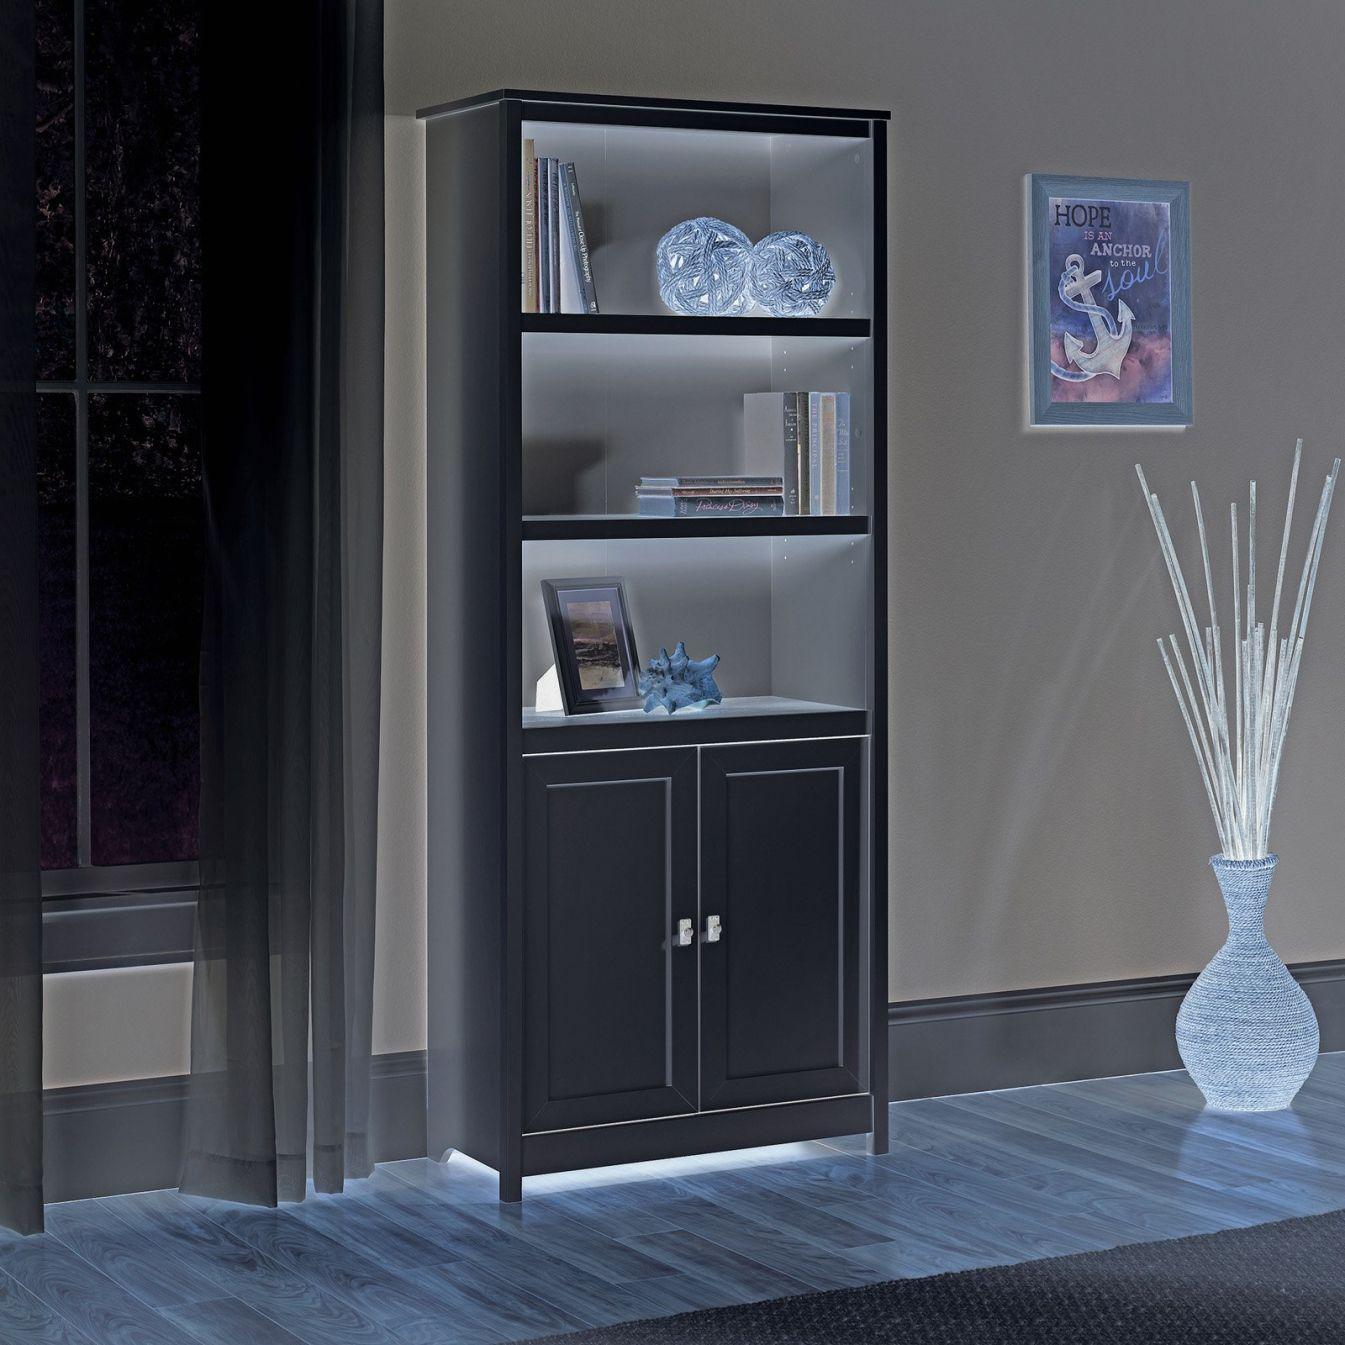 image amazing bookcase home fascinating bookcases walmart sauder white impressive canada sh cube idea one shelf corner enchanting